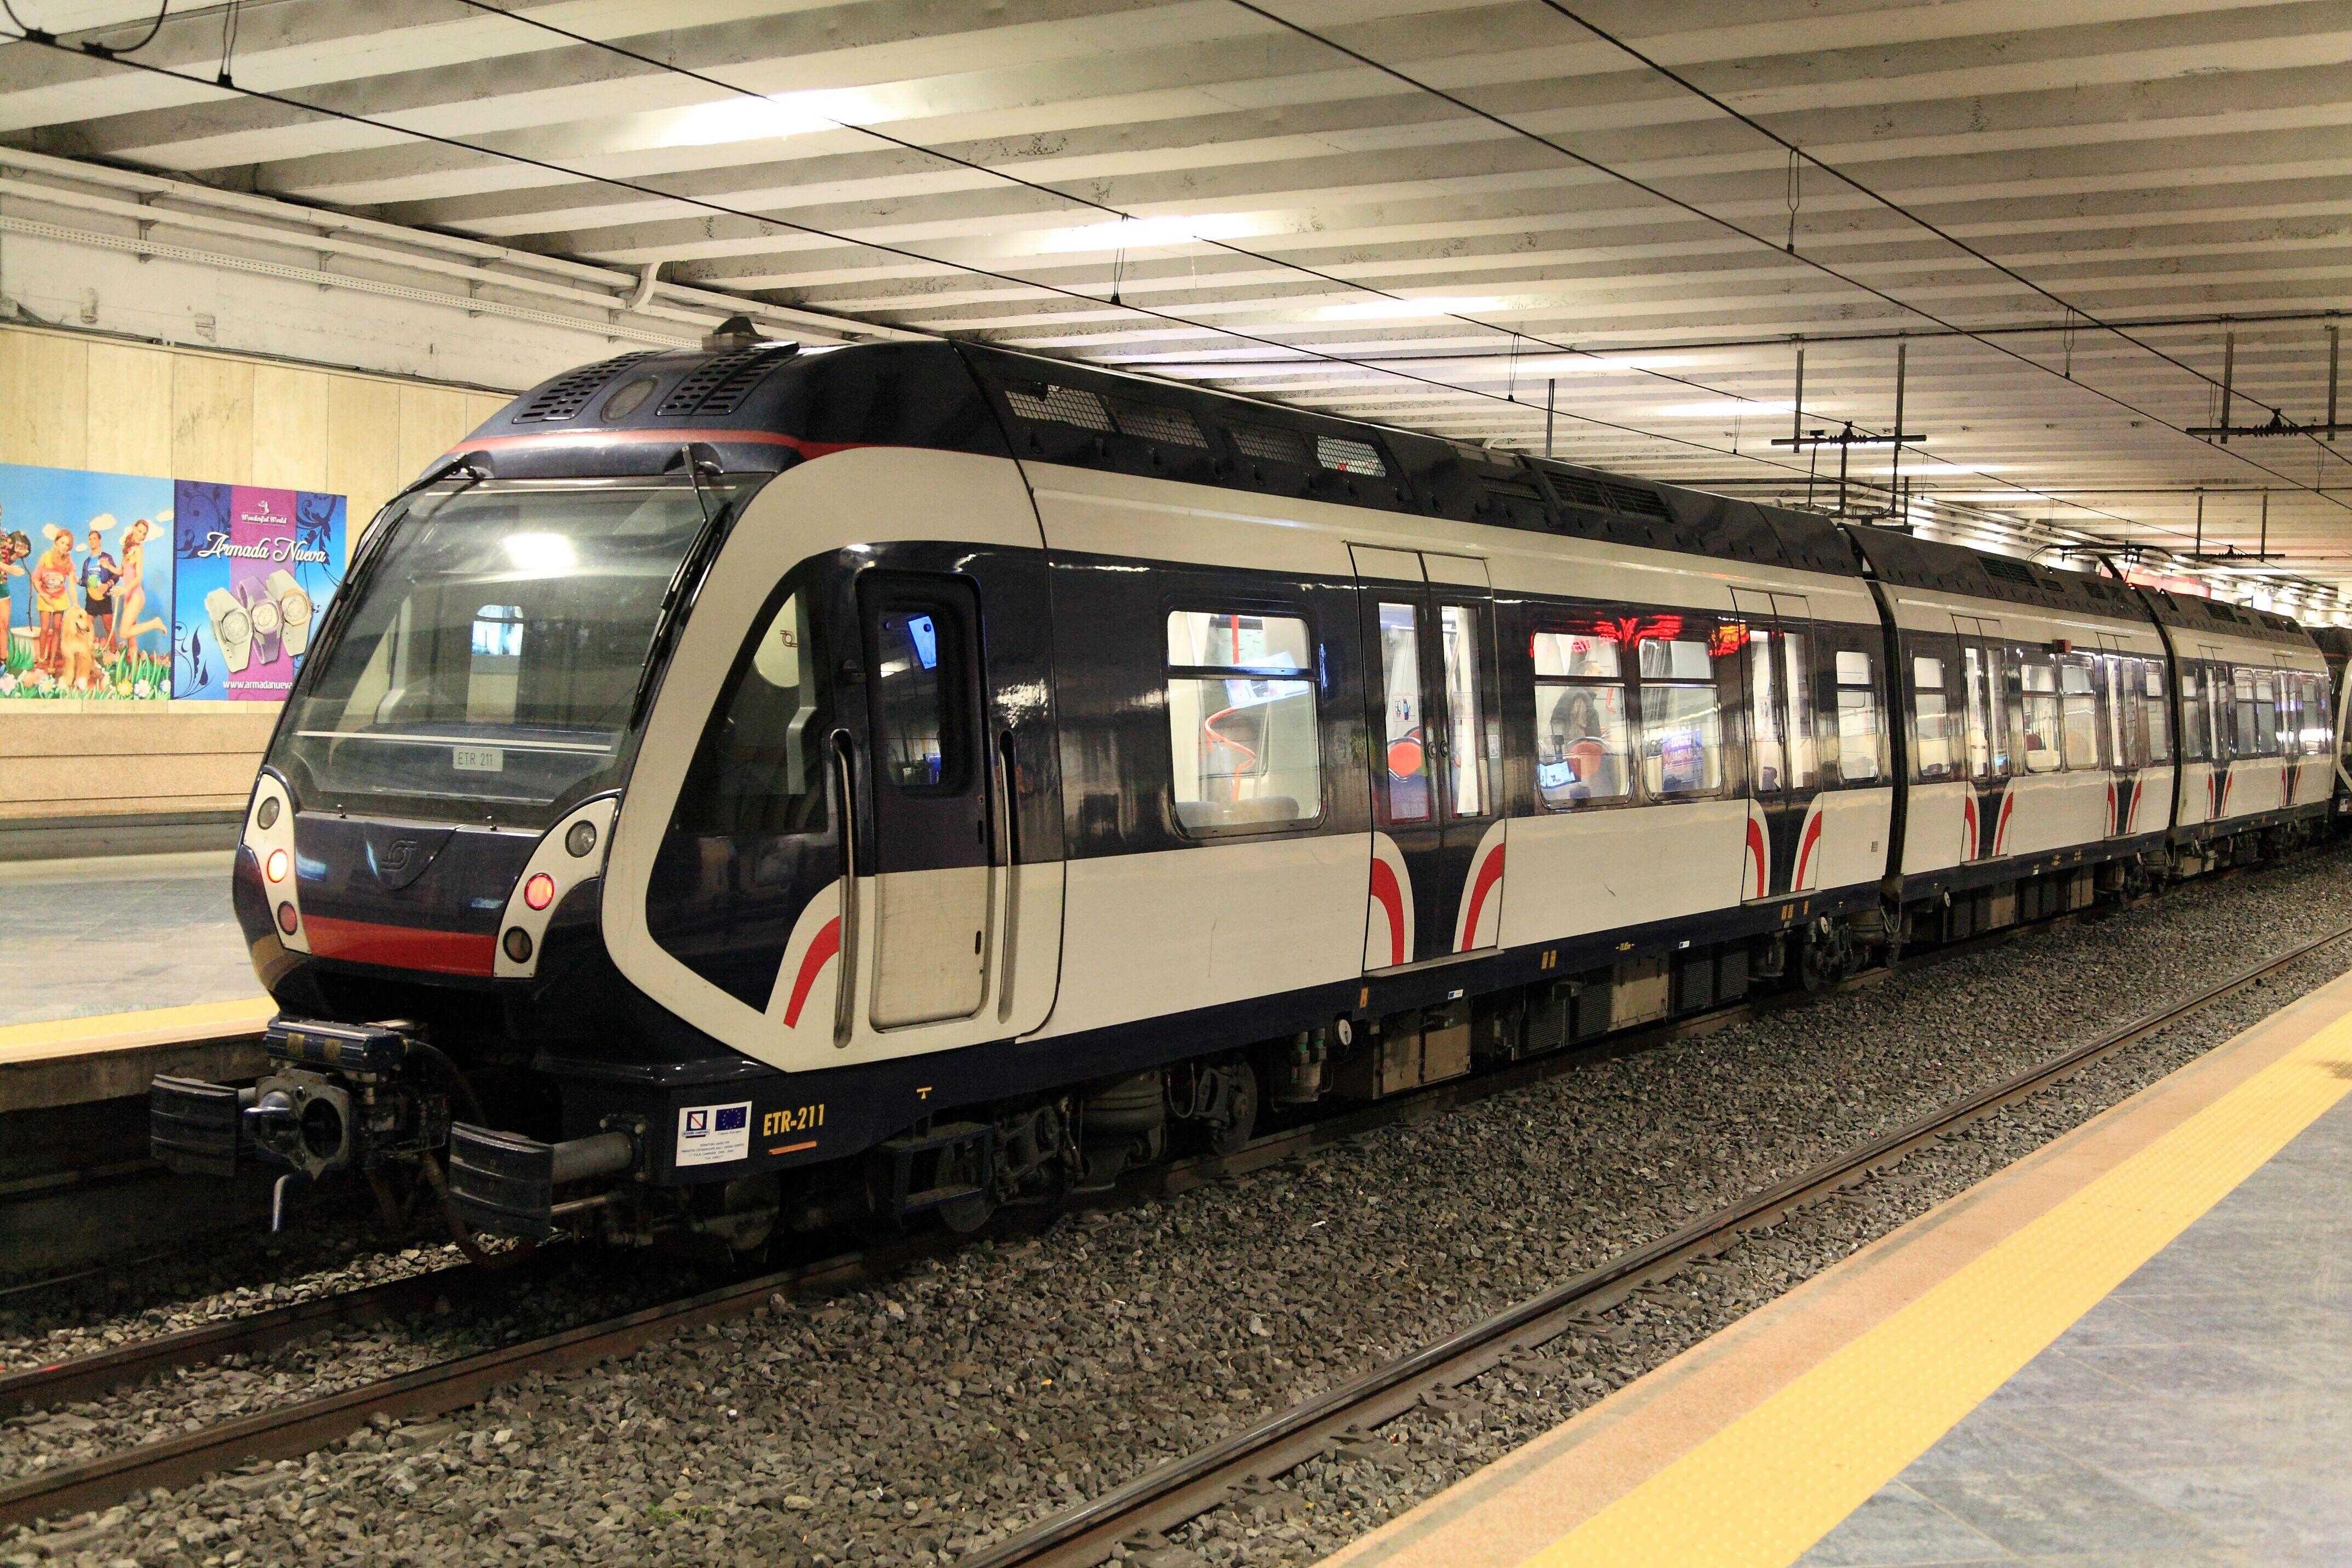 Campania - Tagli, inefficienze, servizi scadenti riducono i passeggeri: calano i pendolari